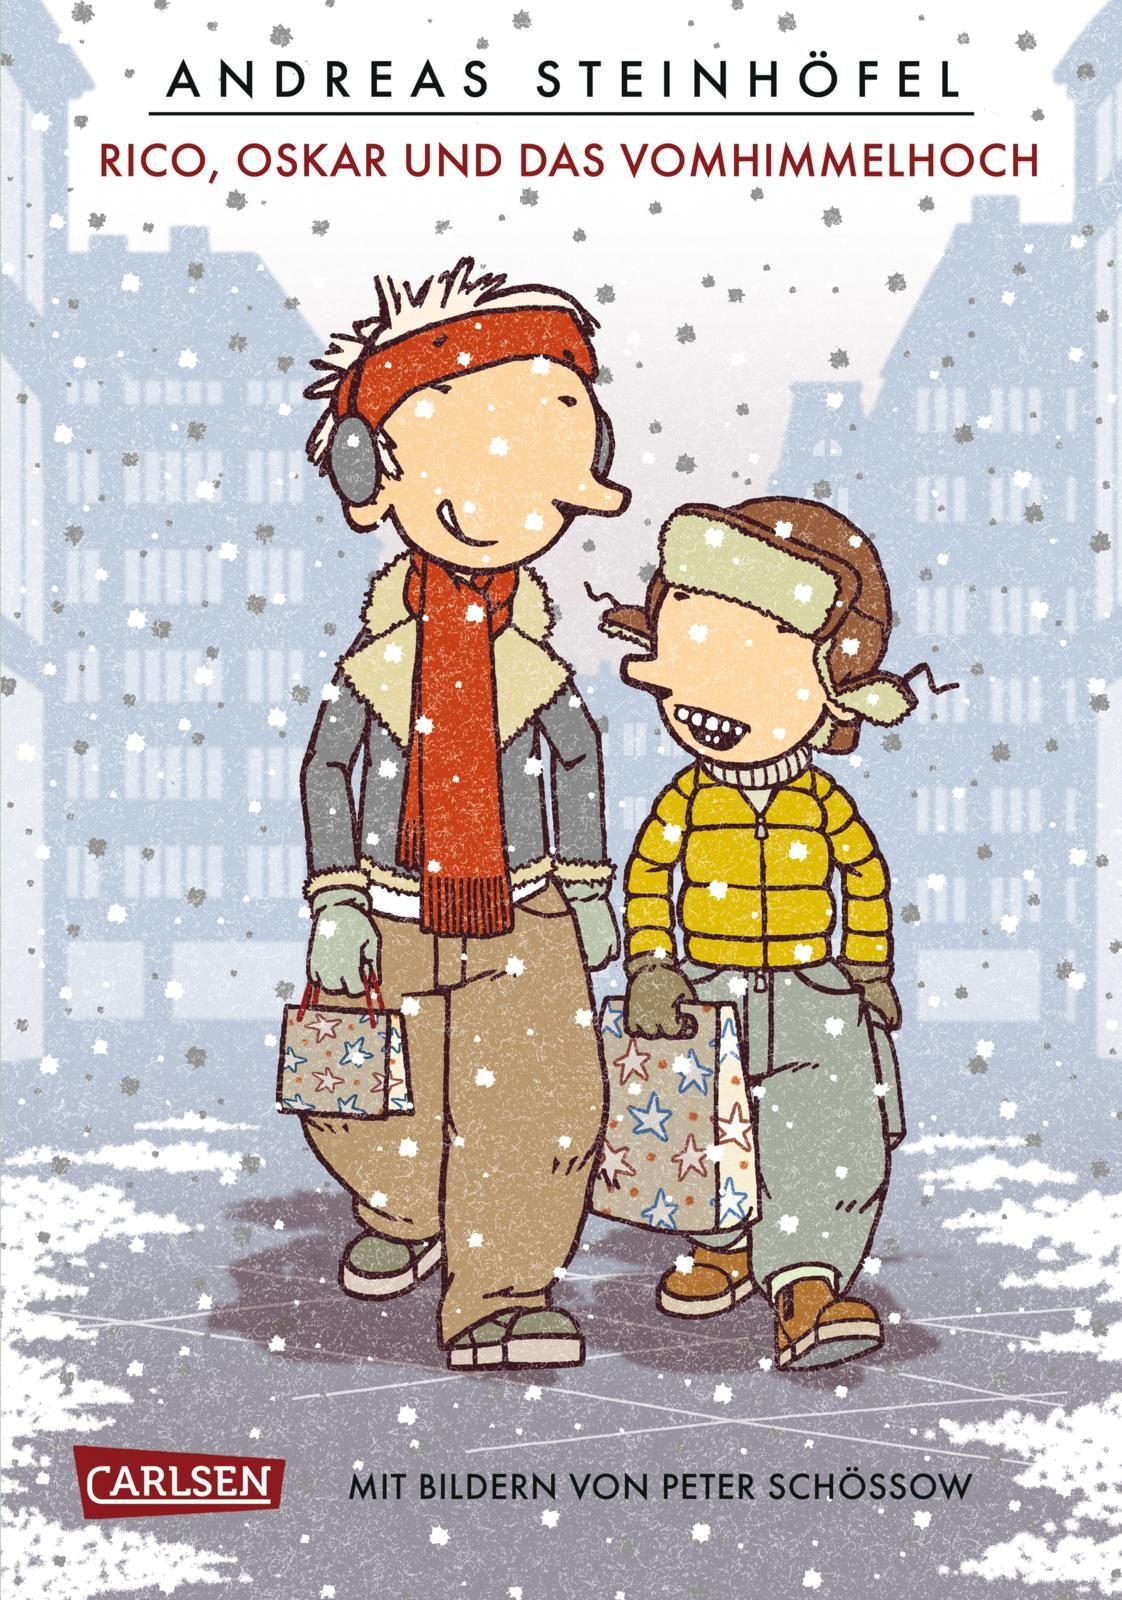 Weihnachten In Der Dieffe Volles Programm Und Nichts L Auml Uft Nach Plan Die B Auml Ume Sind Zwar Geschm Kinderbucher Geschichten Fur Kinder Buch Geschenke